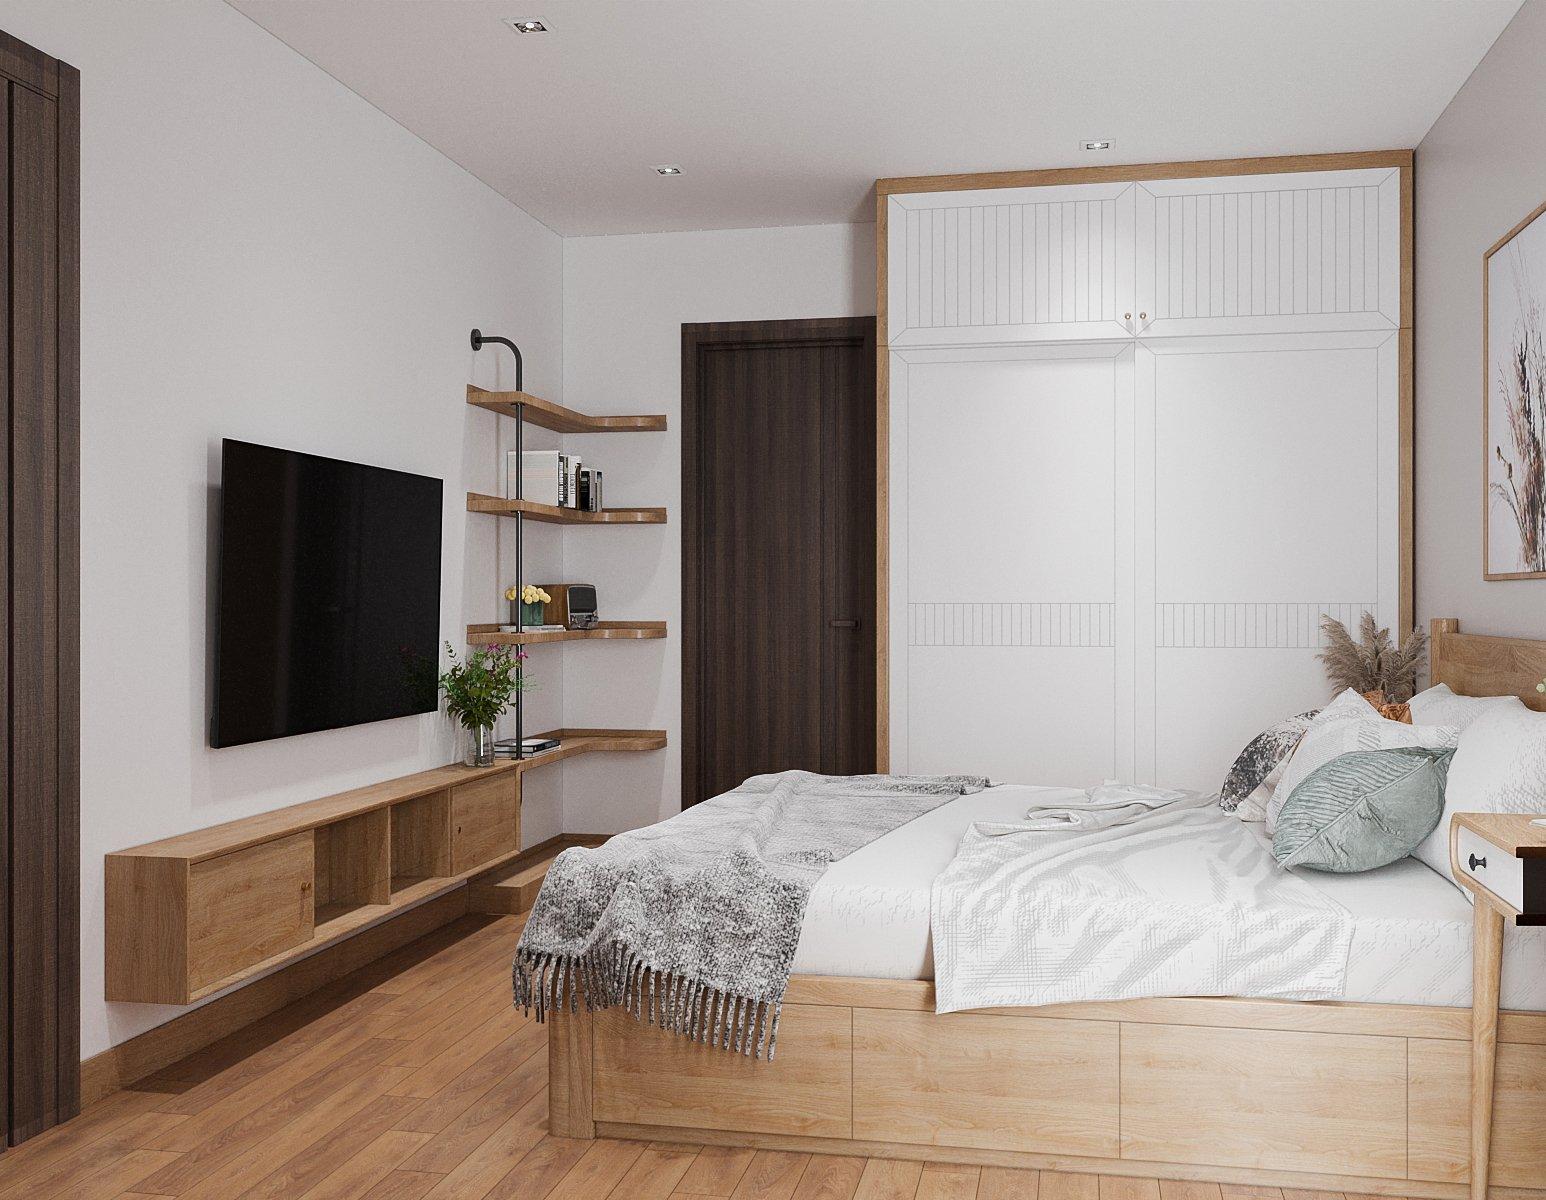 Tủ kệ tivi trong phòng ngủ được thiết kế khéo léo, gọn gàng tích hợp với giá để sách, bày đồ trang trí hoặc vật dụng cá nhân.